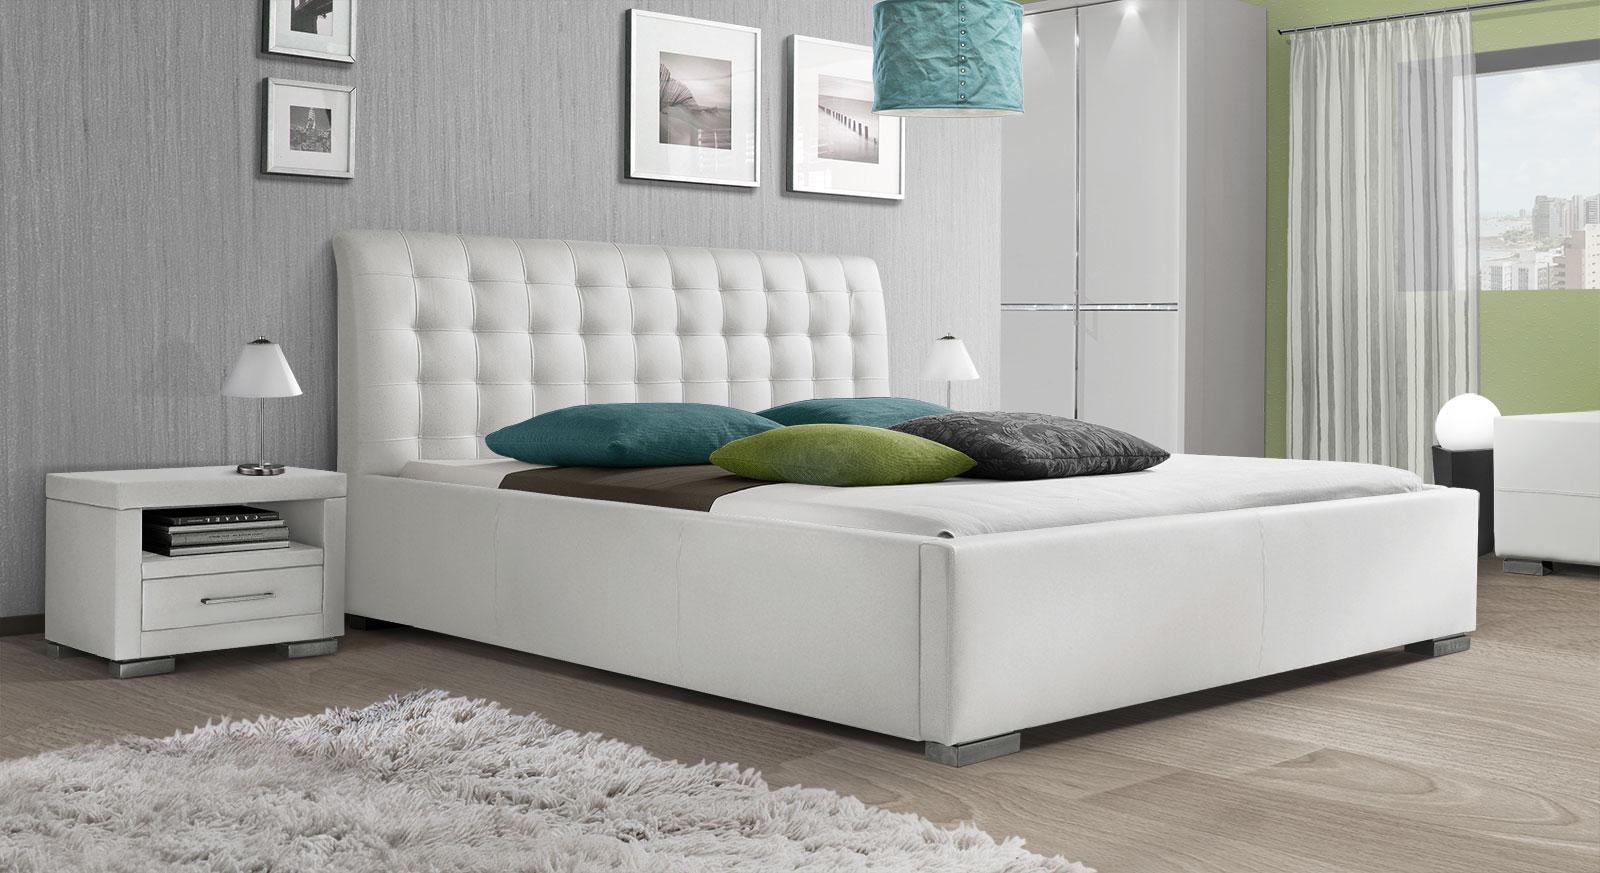 Bett Baskerville Comfort mit weißem Kunstleder-Bezug